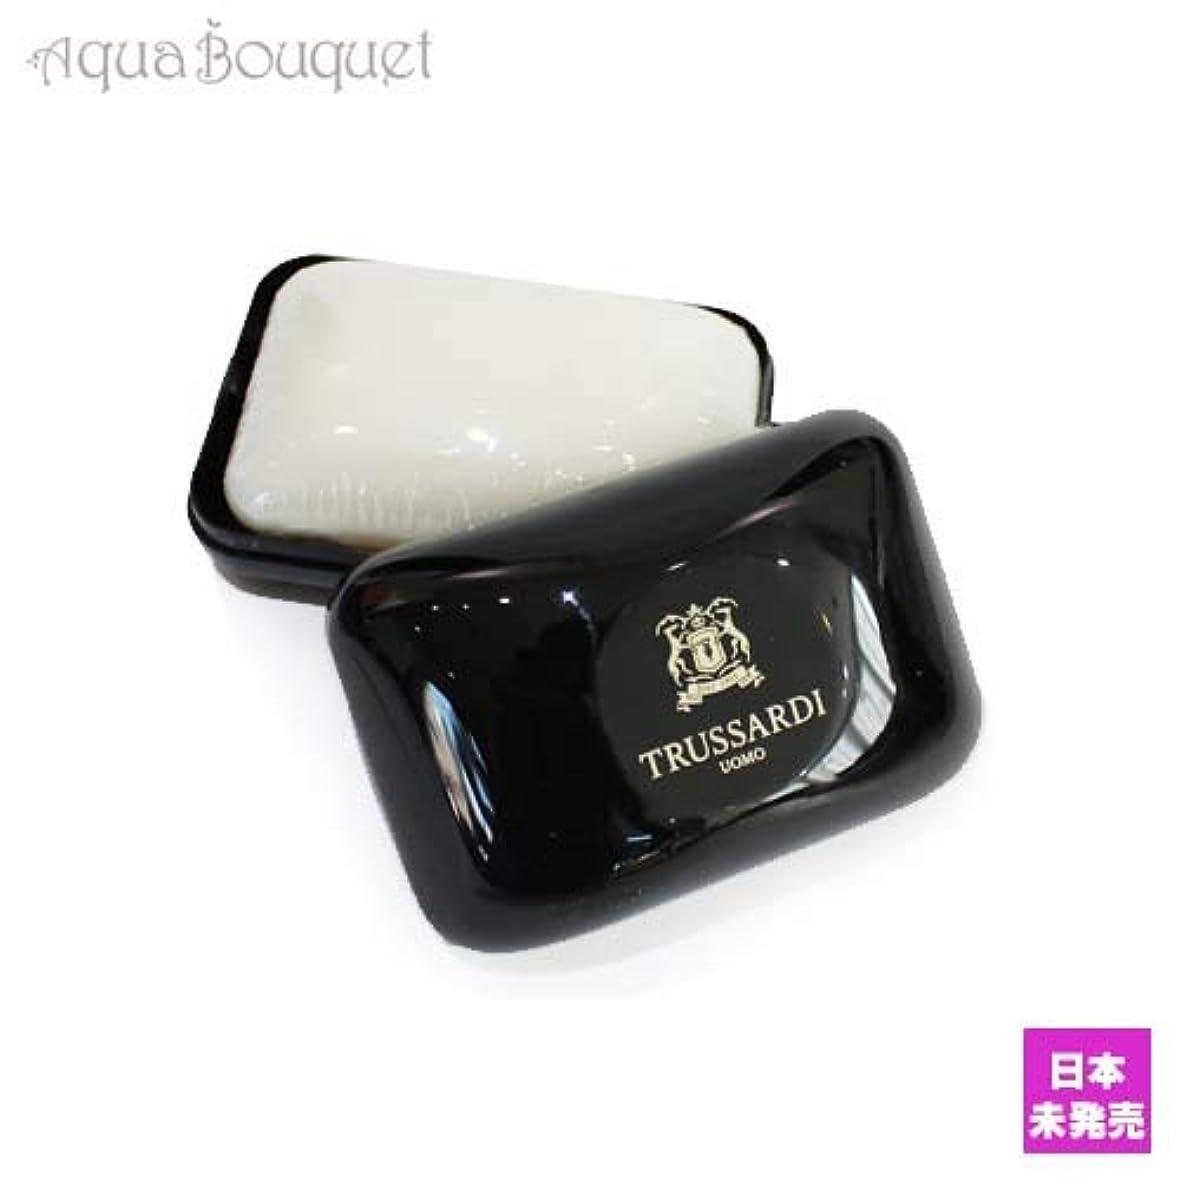 発動機鷲救いトラサルディ ウォモ ソープ 100g(ケース付き)TRUSSARDI UOMO SOAP [7216] [並行輸入品]